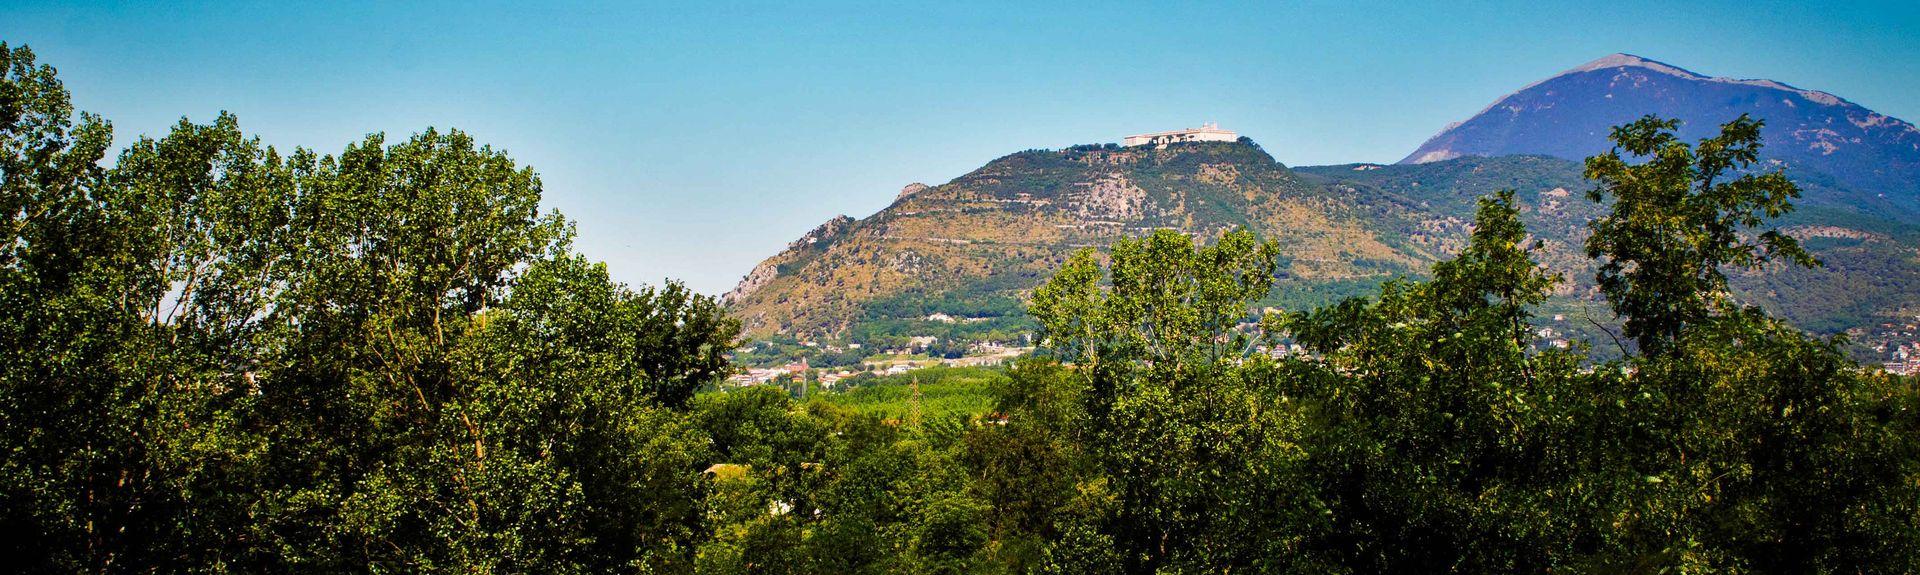 Casalattico, Frosinone, Lazio, Italy